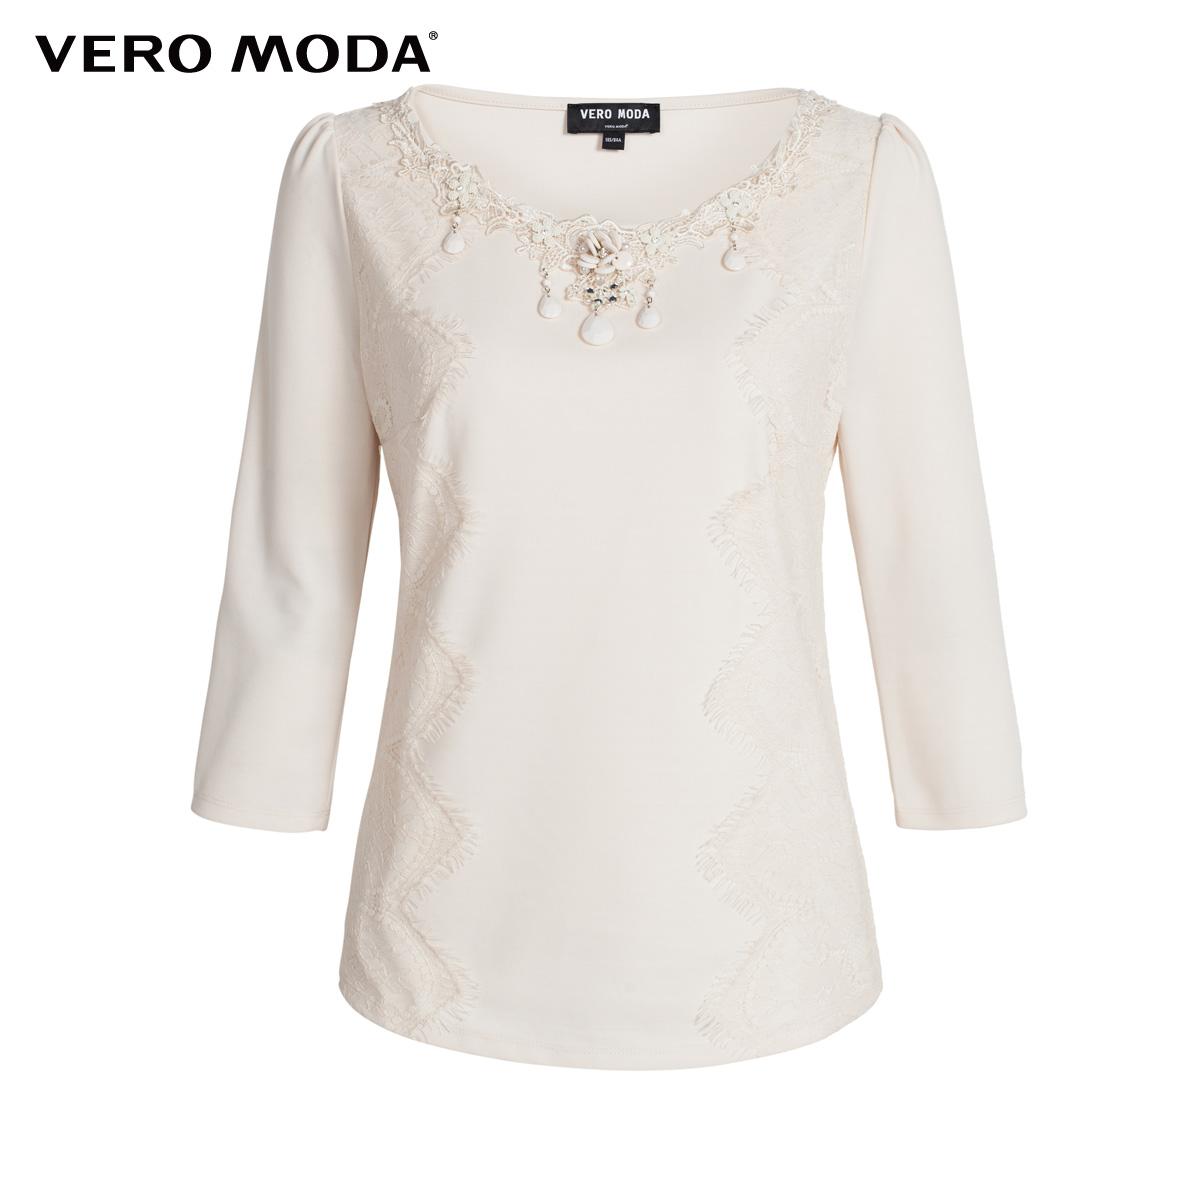 Футболка VERO MODA 314130039 VeroModa